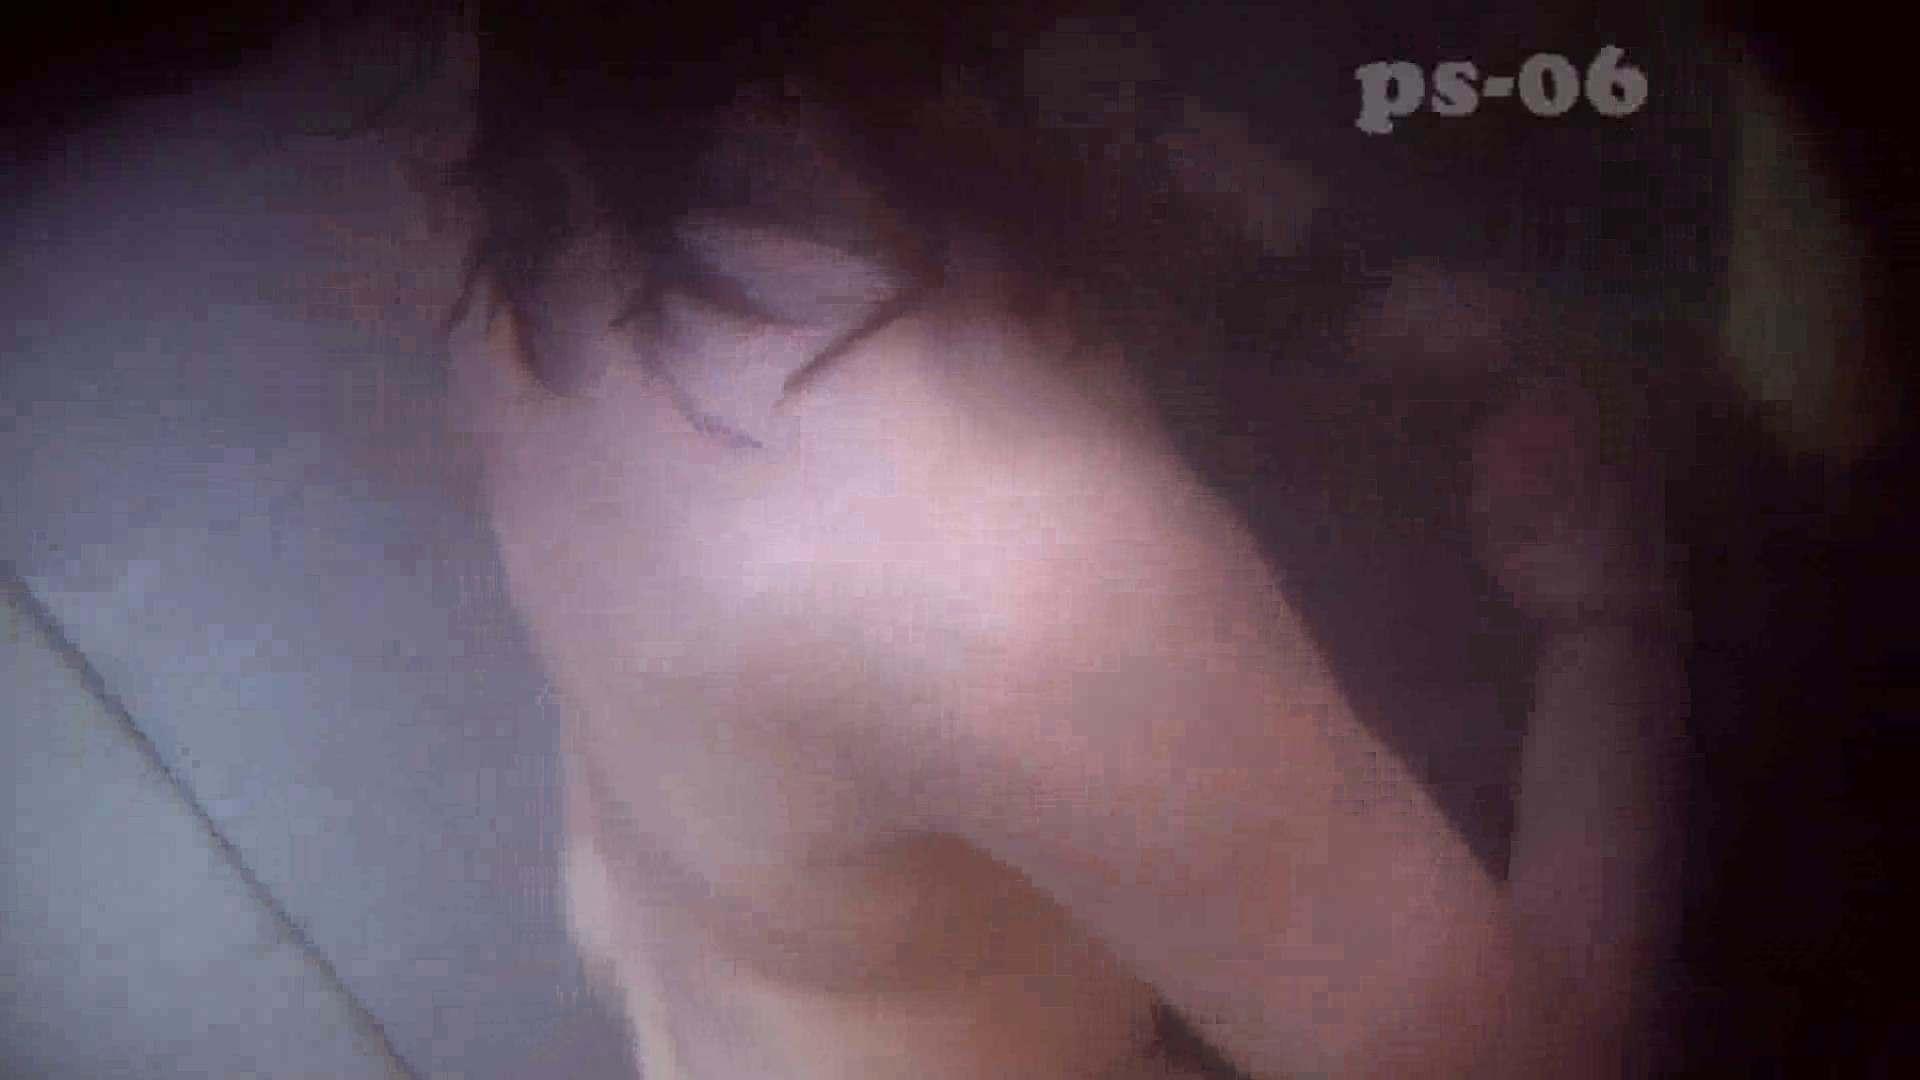 シャワールームは危険な香りVol.6(ハイビジョンサンプル版) 盛合せ  111PIX 91